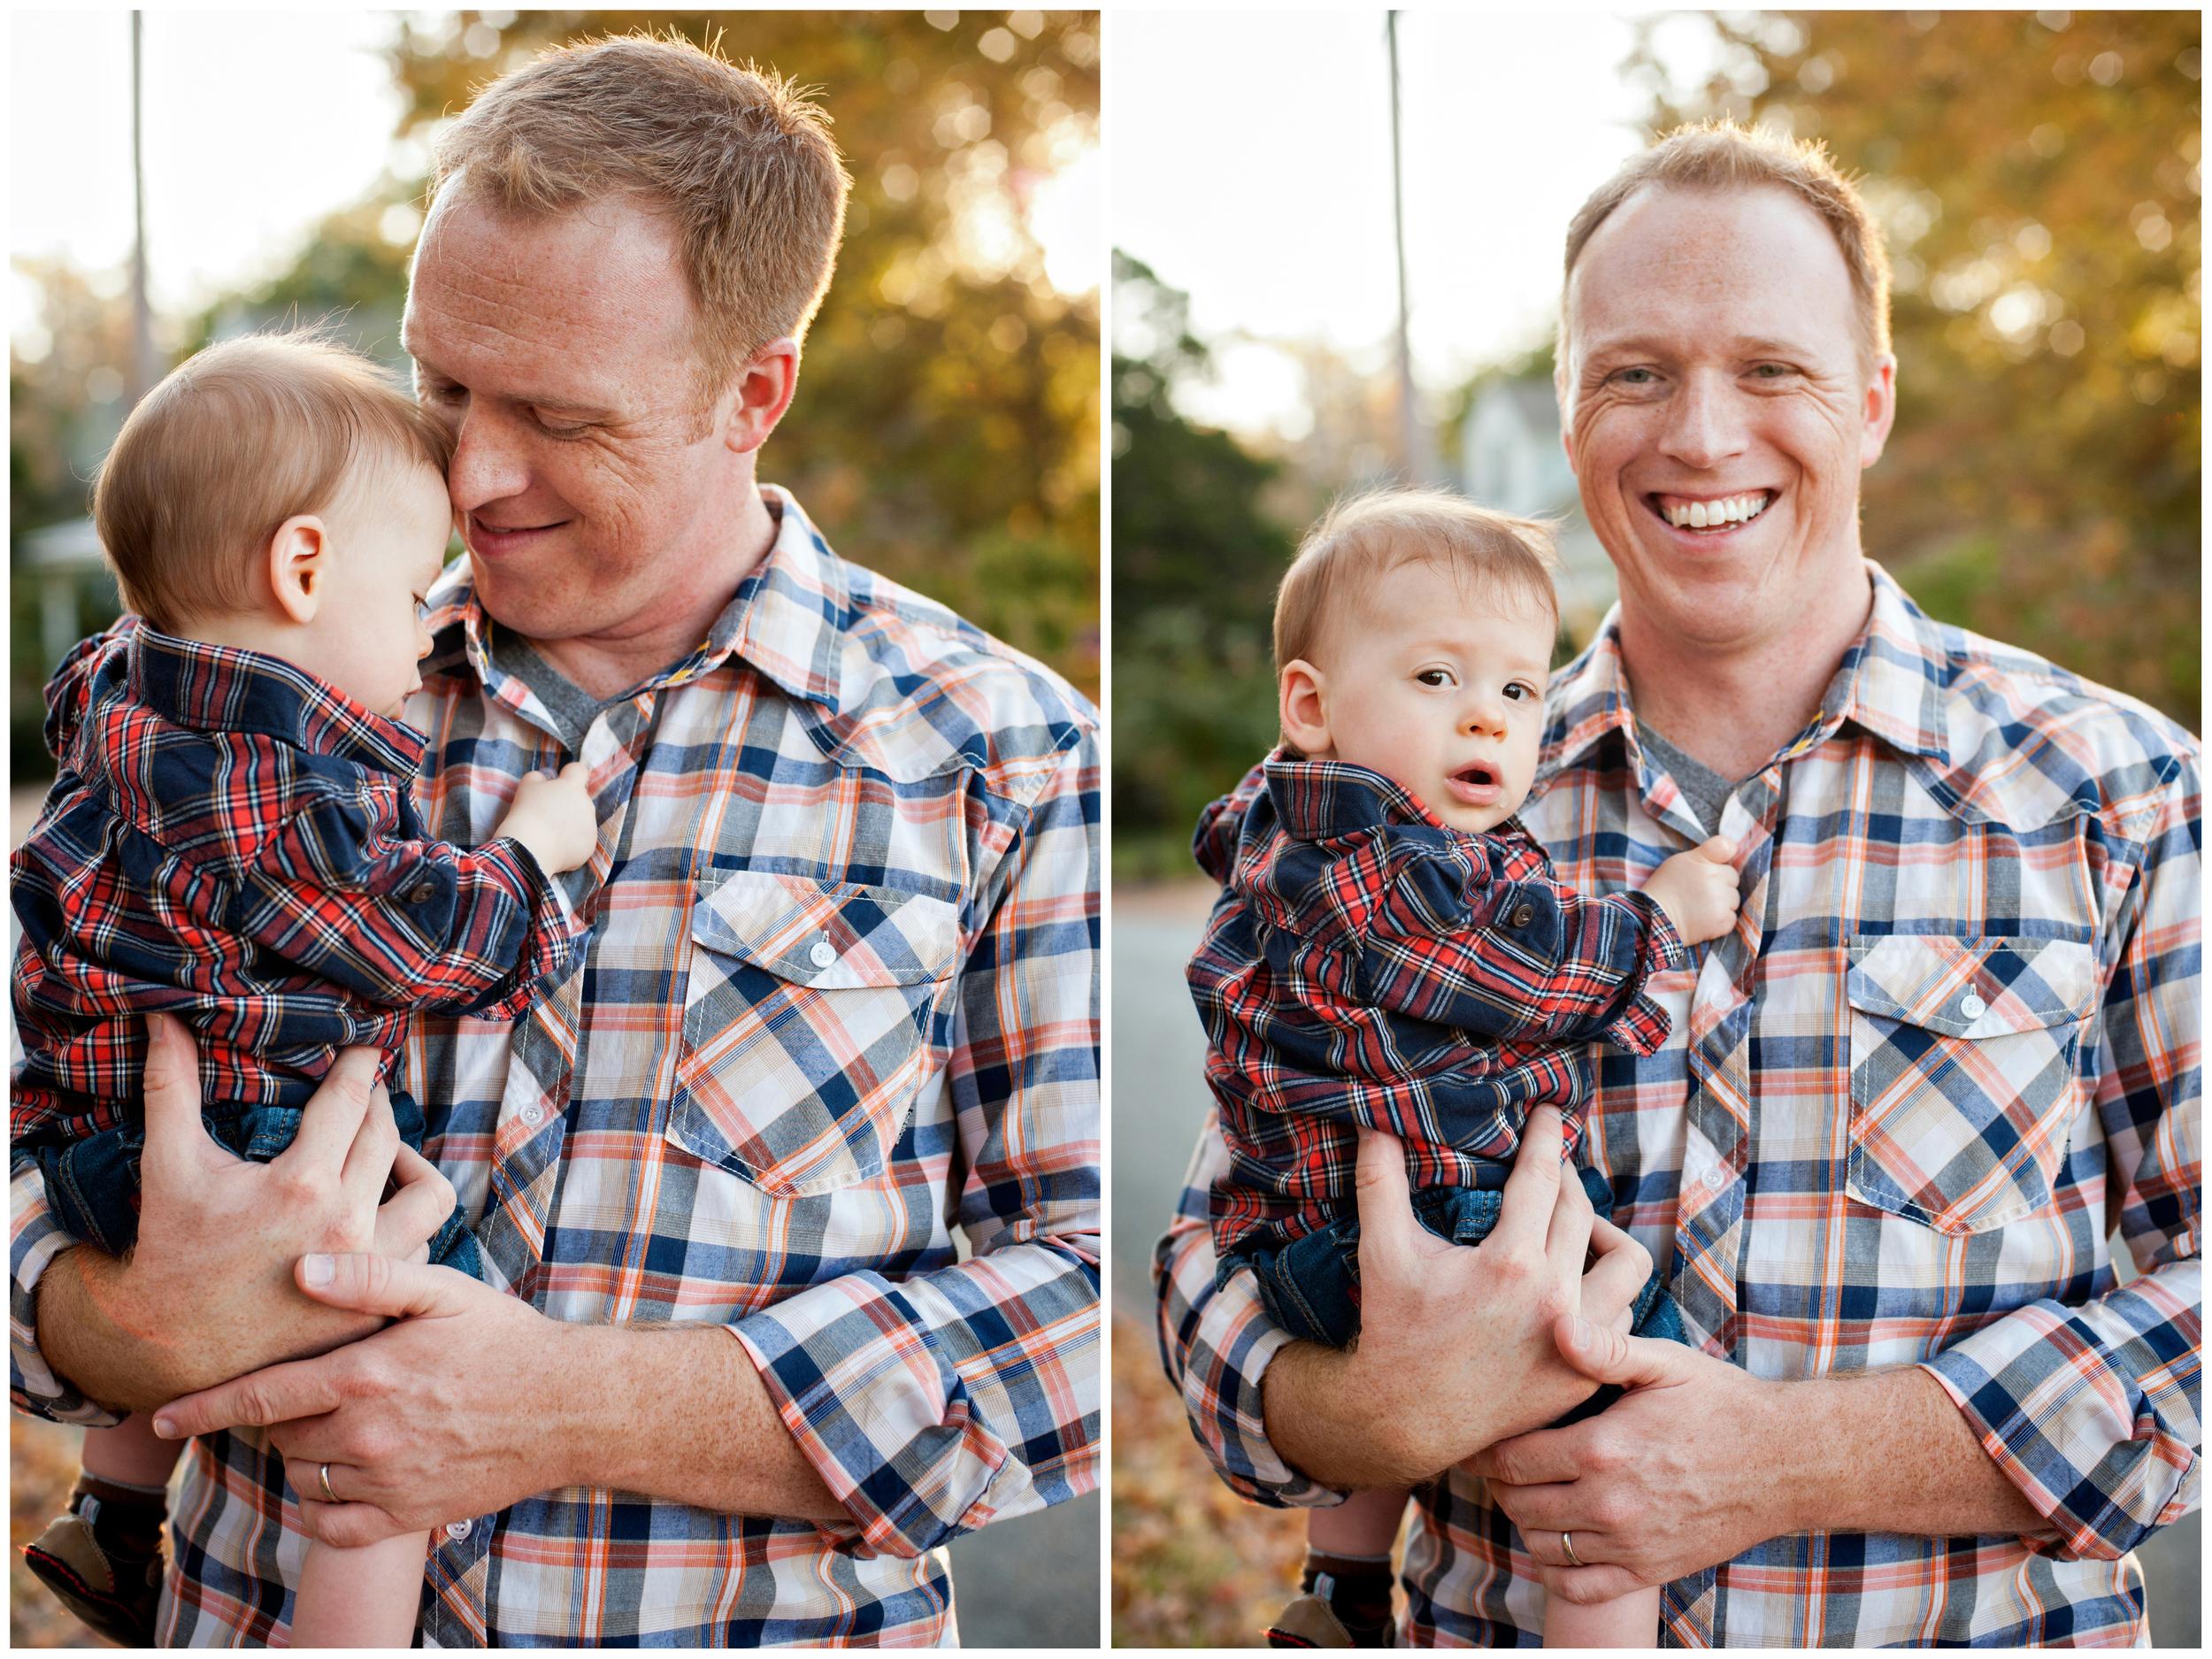 weaver_family_2012_173.jpg